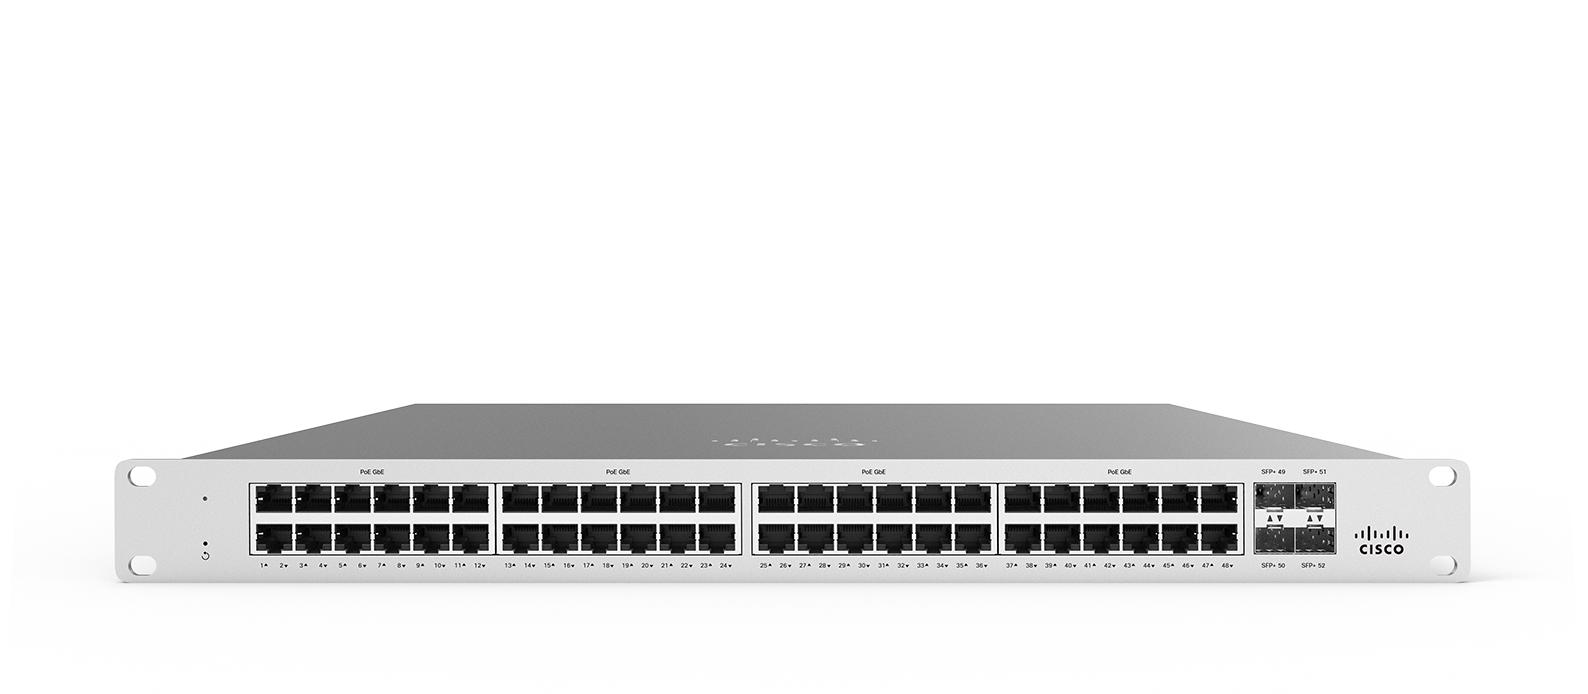 ms125-48-header